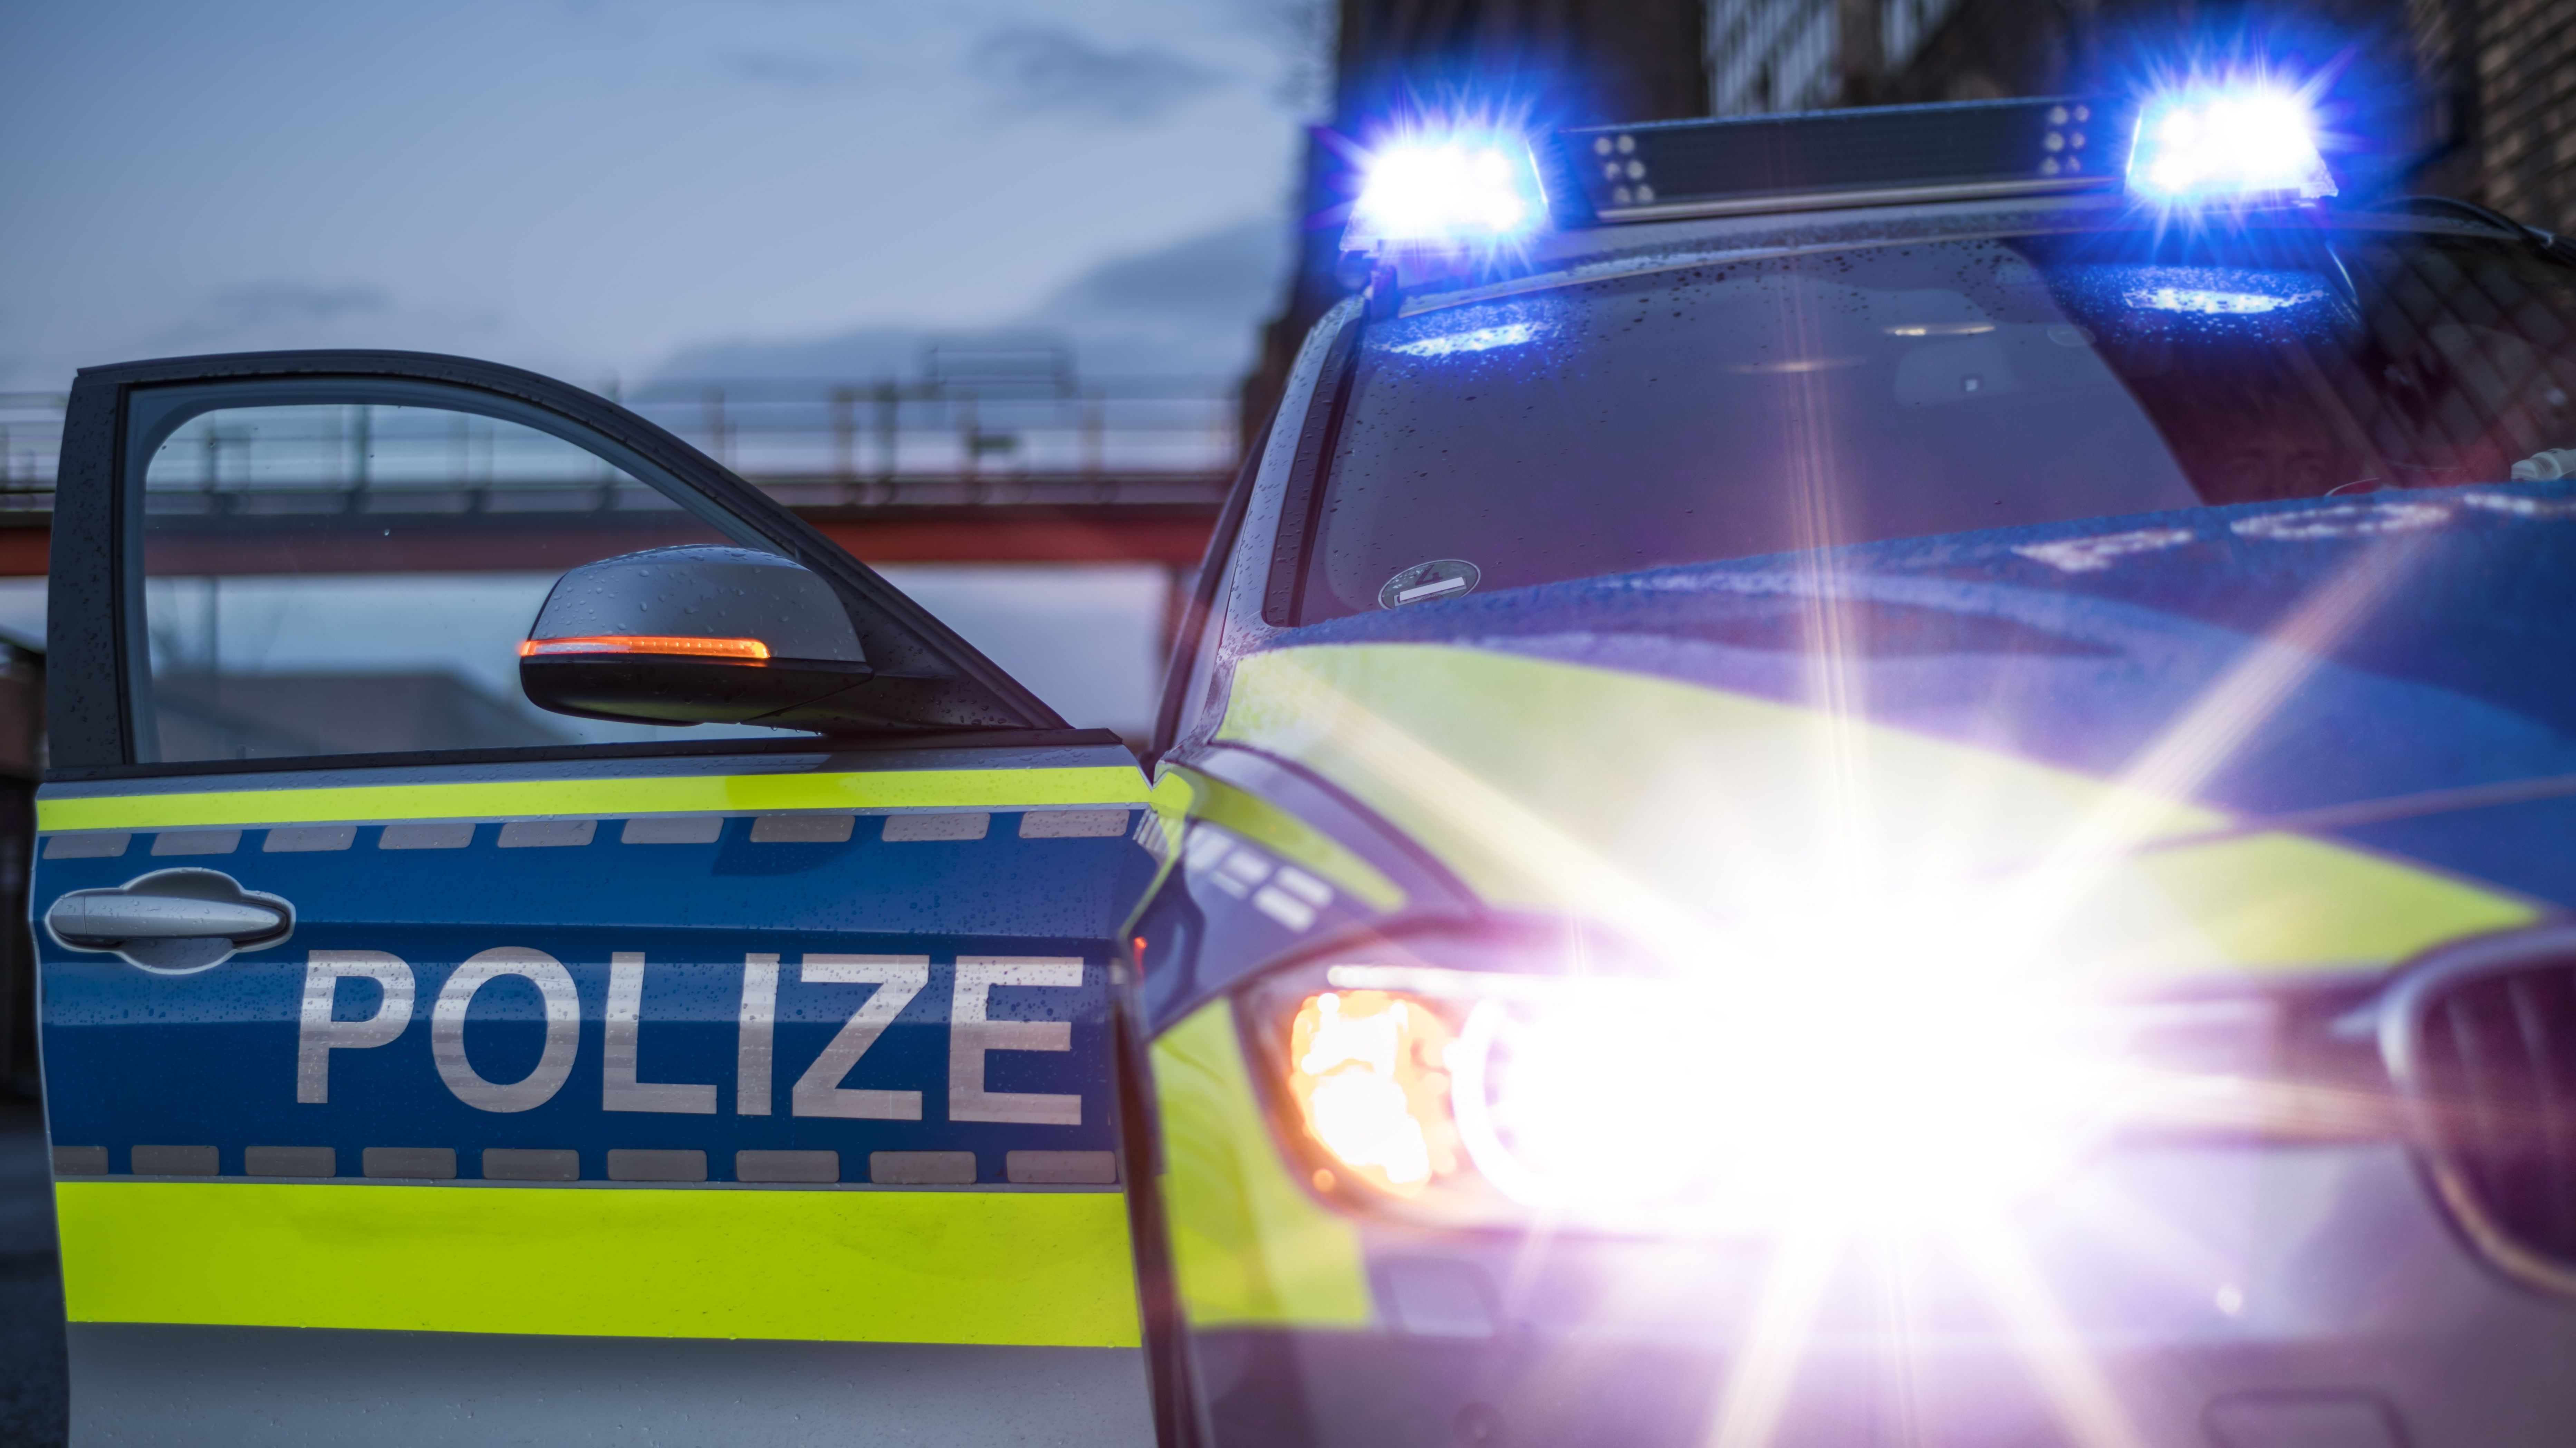 Ein Polizeifahrzeug mit Blaulicht in Betrieb und offener Tür